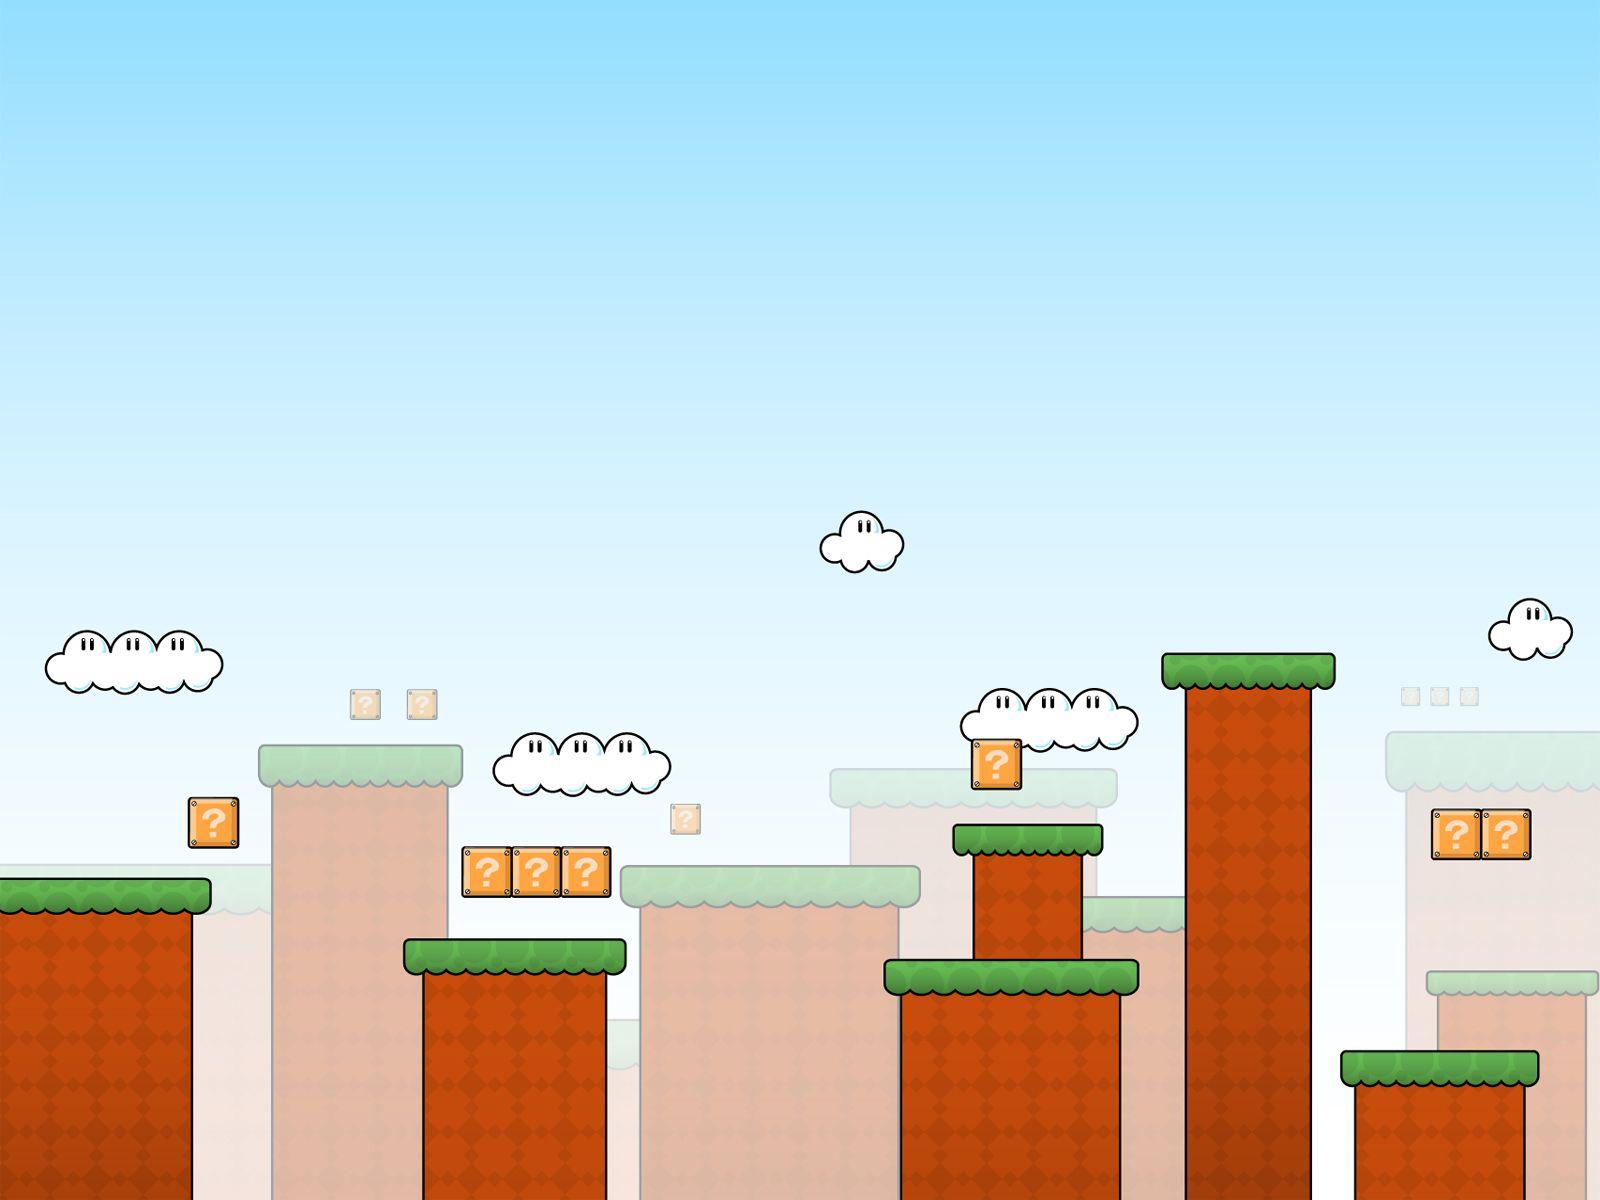 Perfekt Super Mario Scenery